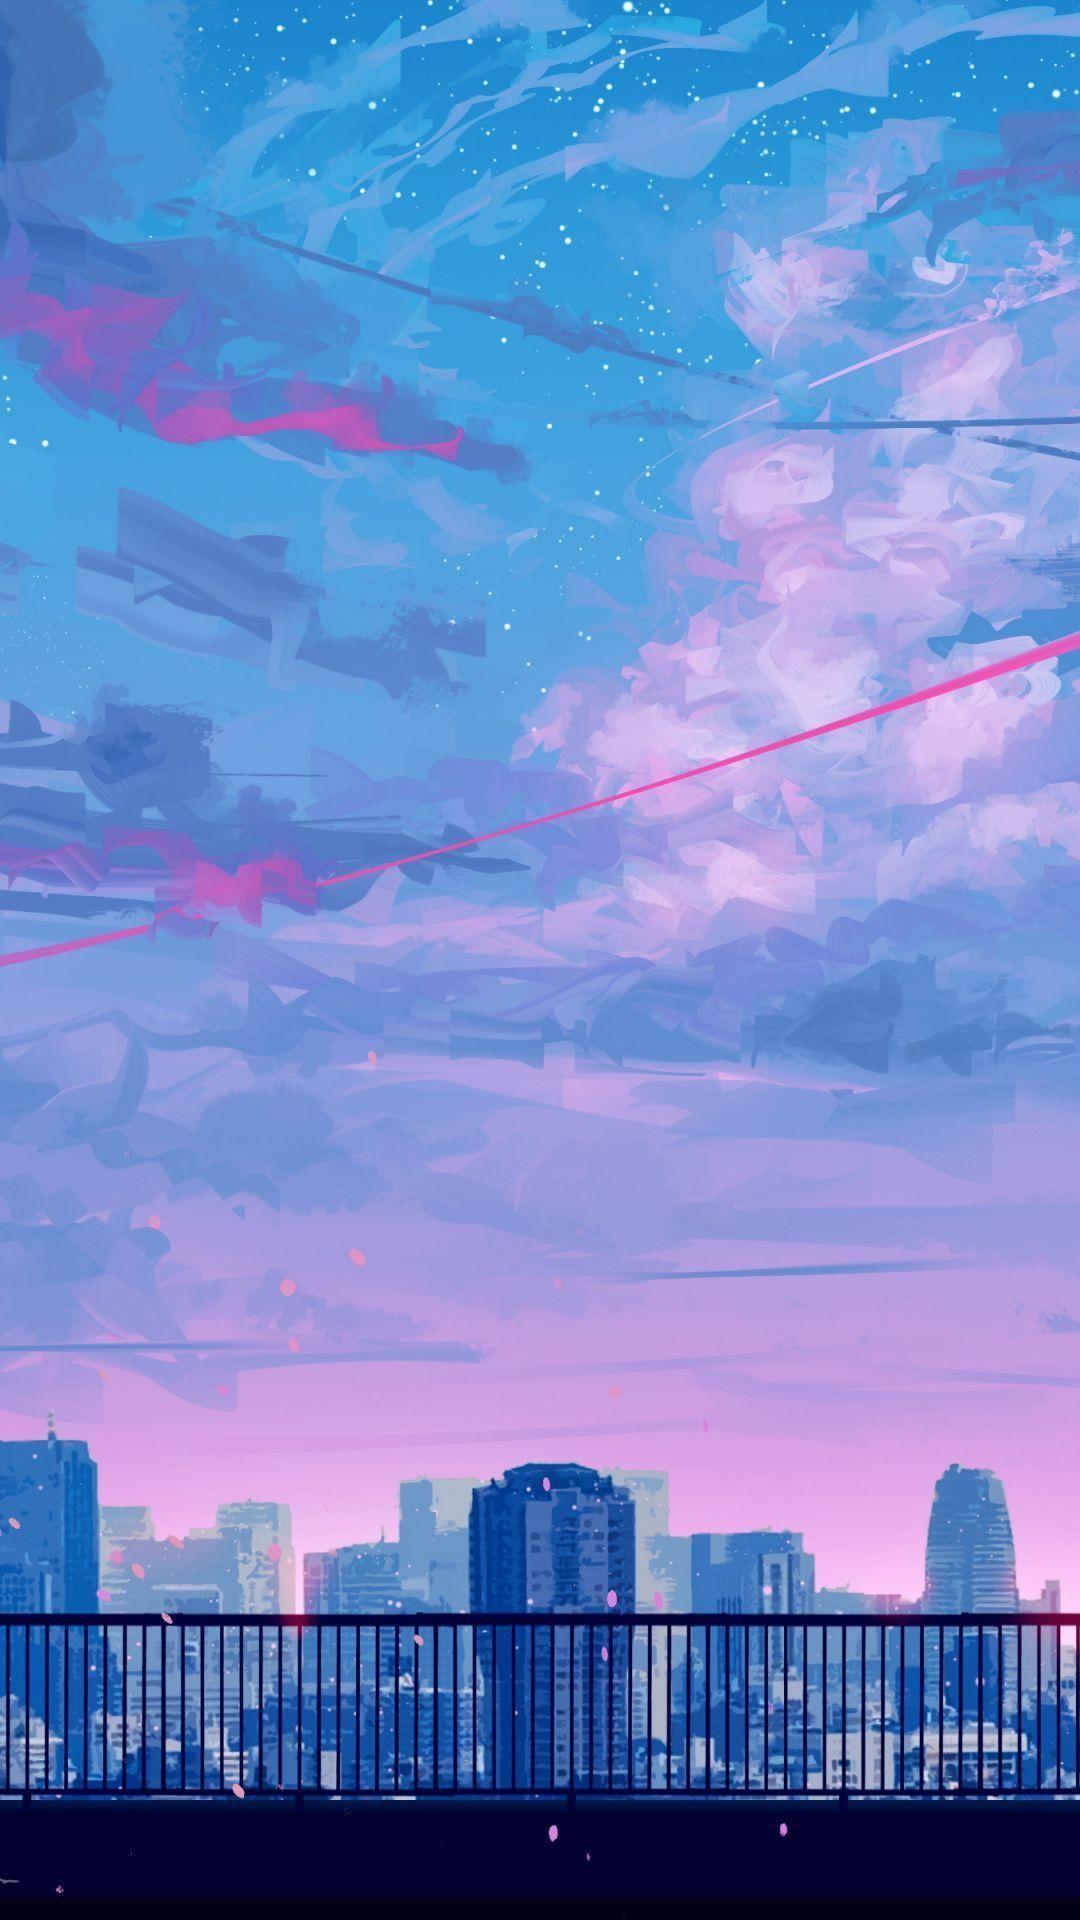 1080x1920 Aesthetic Pink And Blue Background Picture in 2020. Hình nền phong cảnh, Hình nền thẩm mỹ, Hình nền phong cảnh Anime